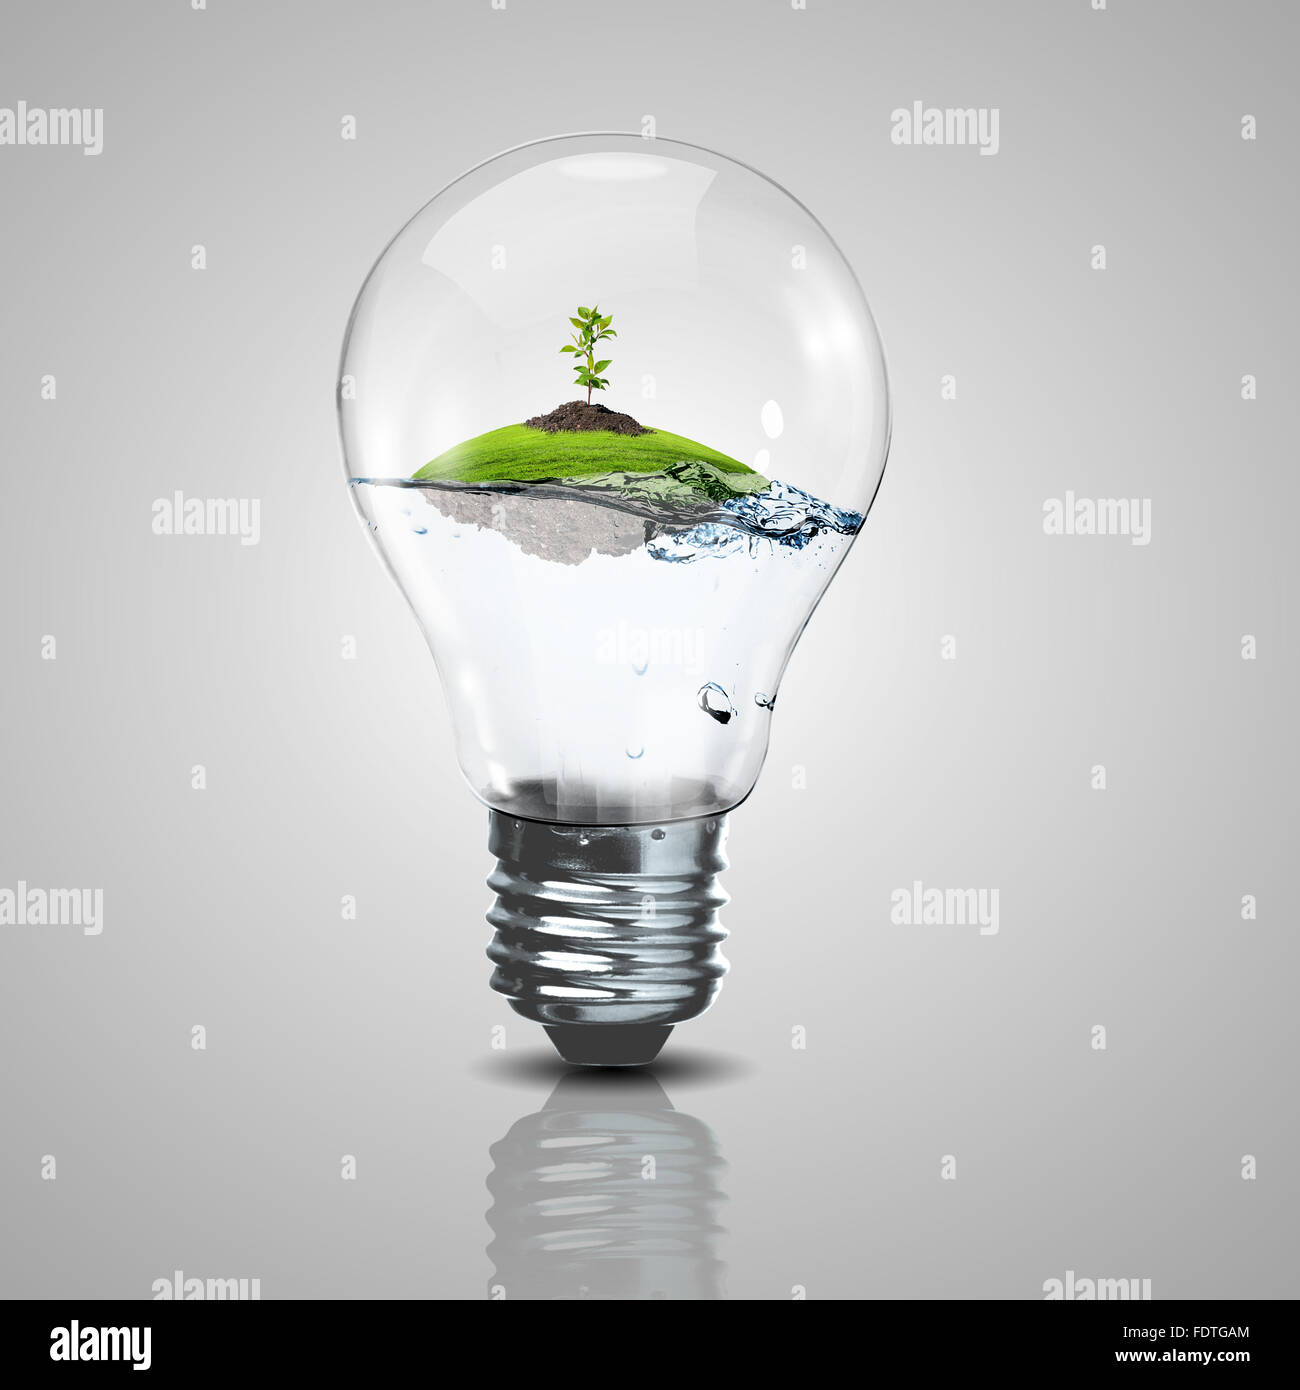 Grüne Energie-Symbole, Ökologie-Konzept, Glühbirne Stockbild